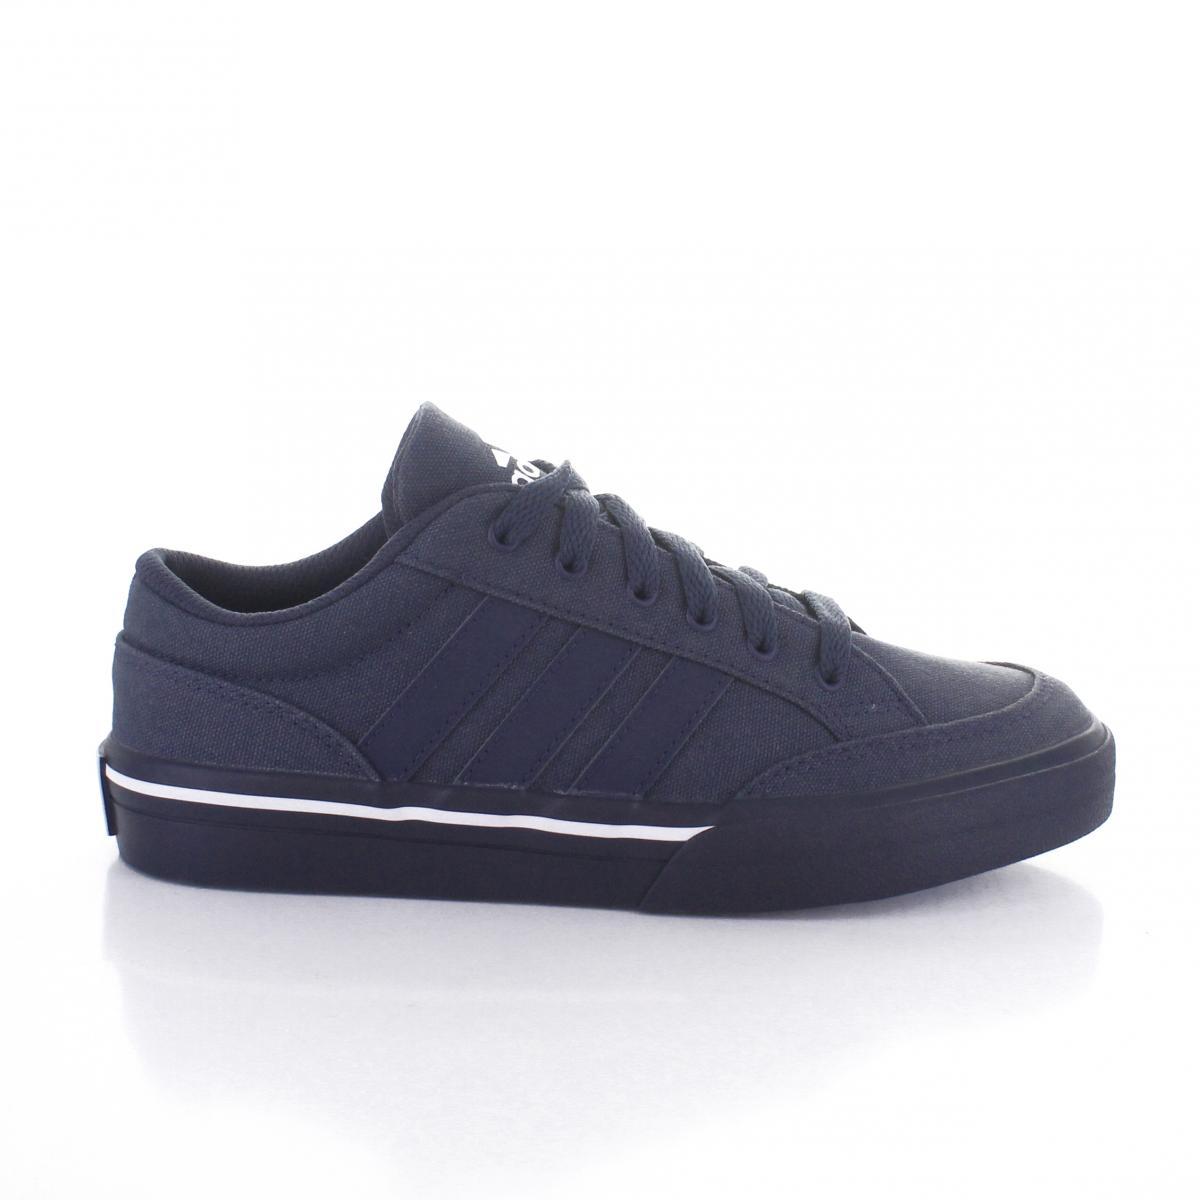 Af5950 Modelo Tenis Adidas Marca Azul Color 1qUSaTnUR